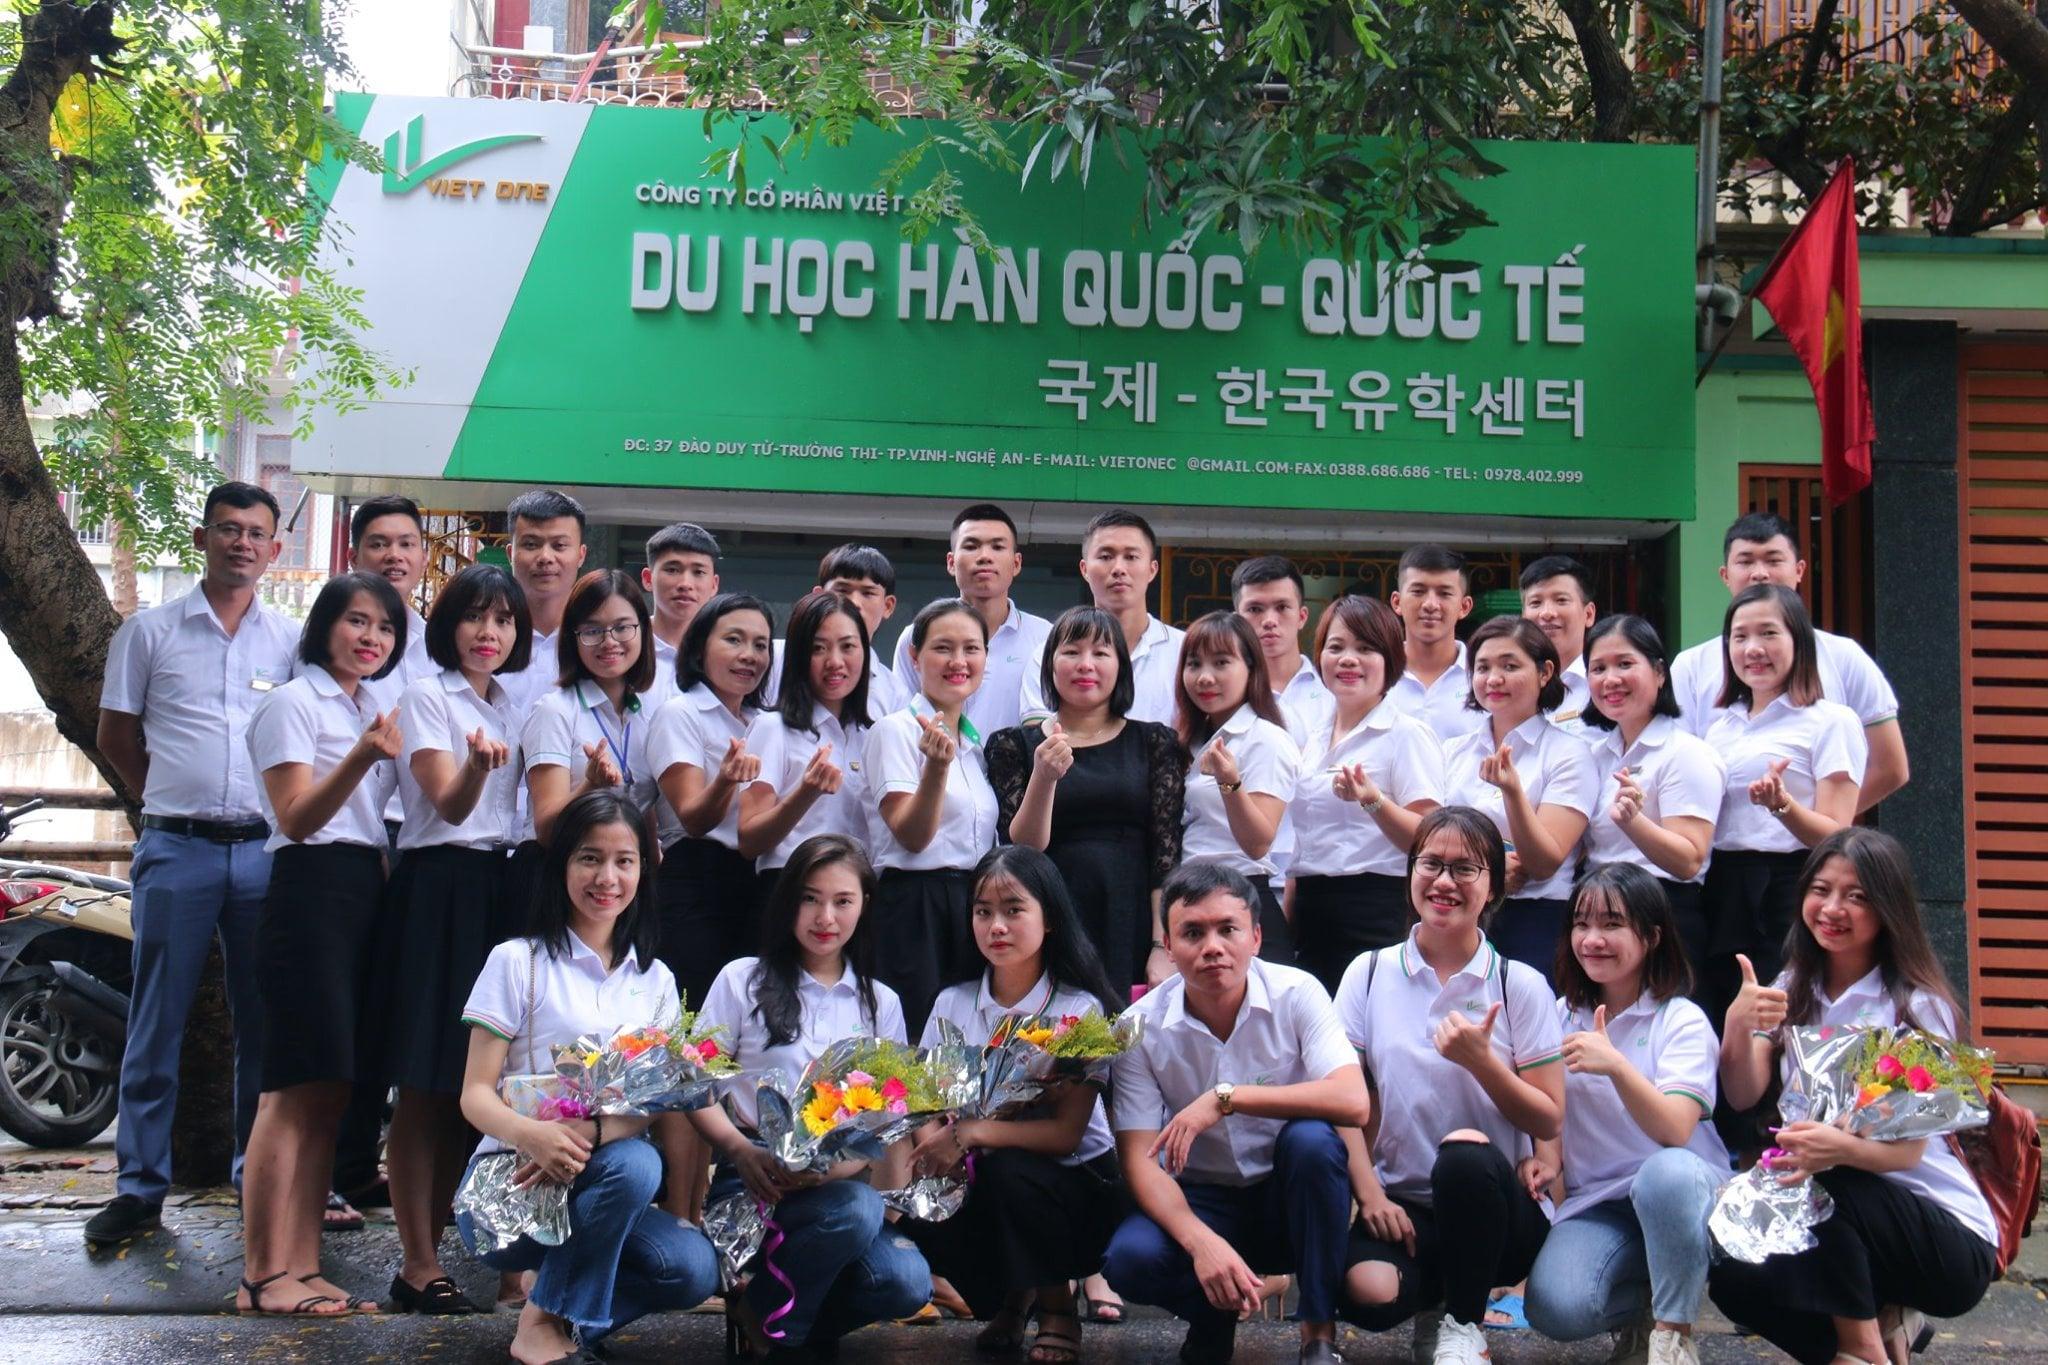 Du học Hàn Quốc uy tín nhất miền Trung